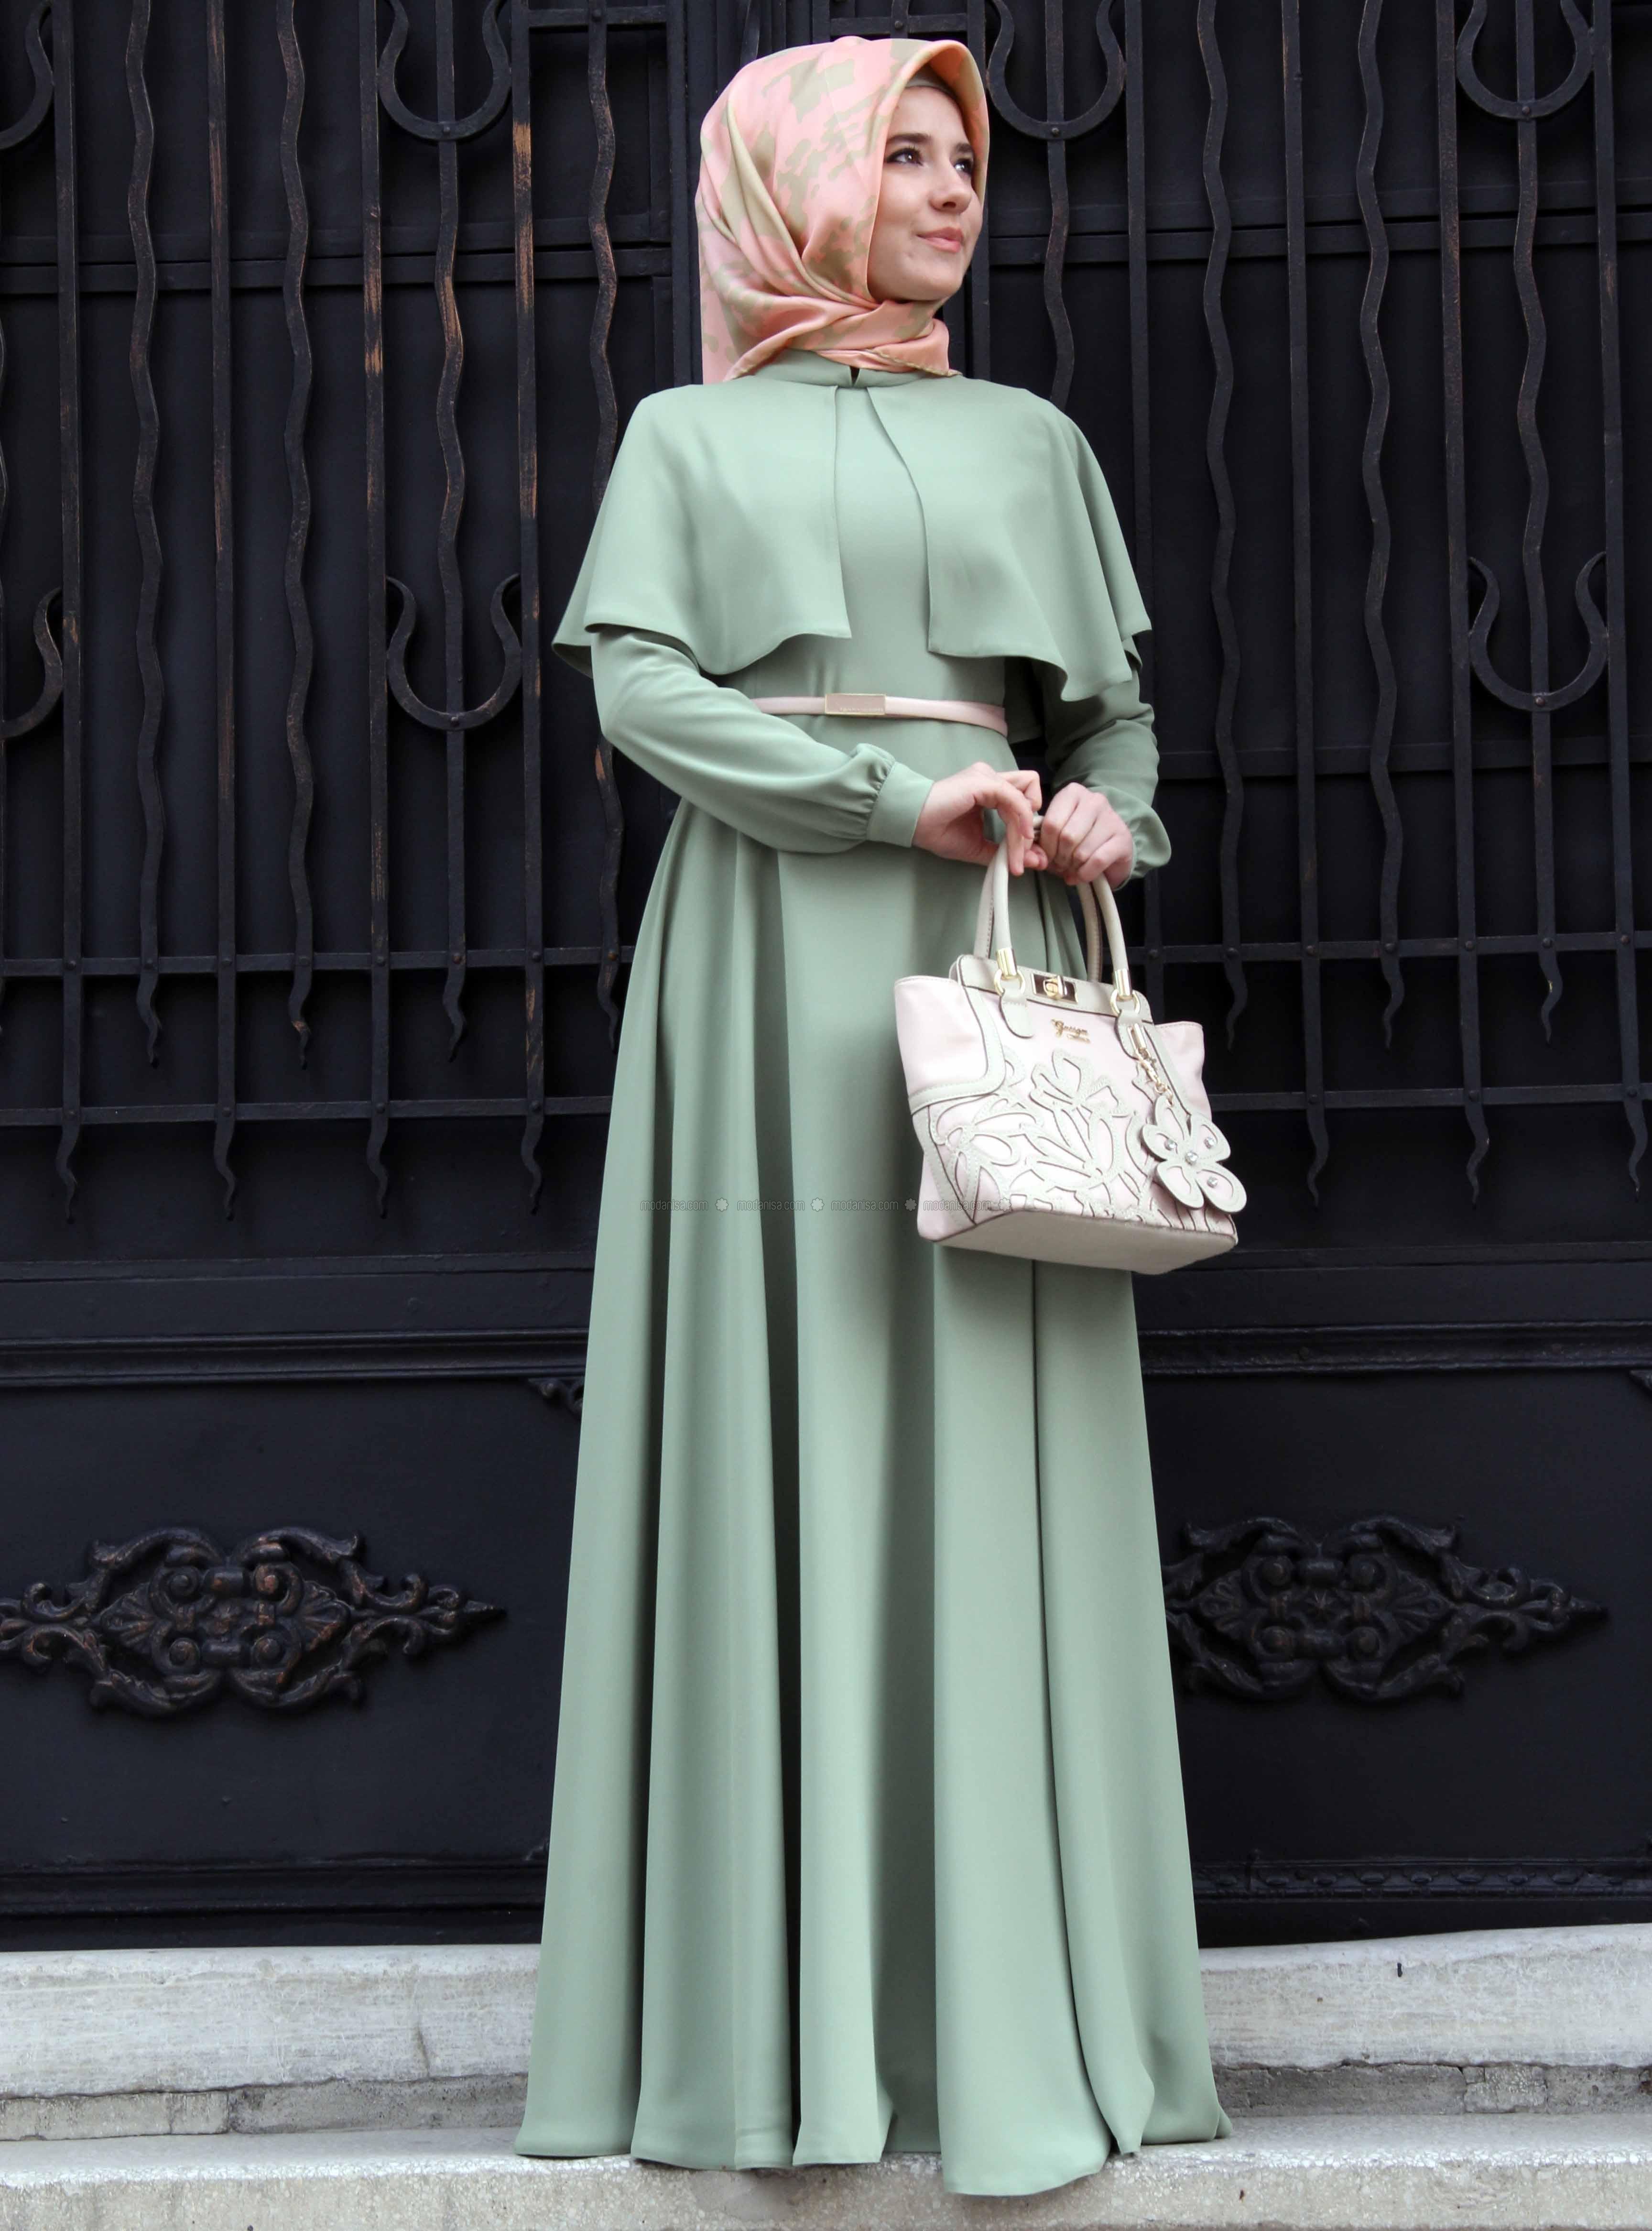 z-pelerinli-elbise--cagla--mevra-102310-1